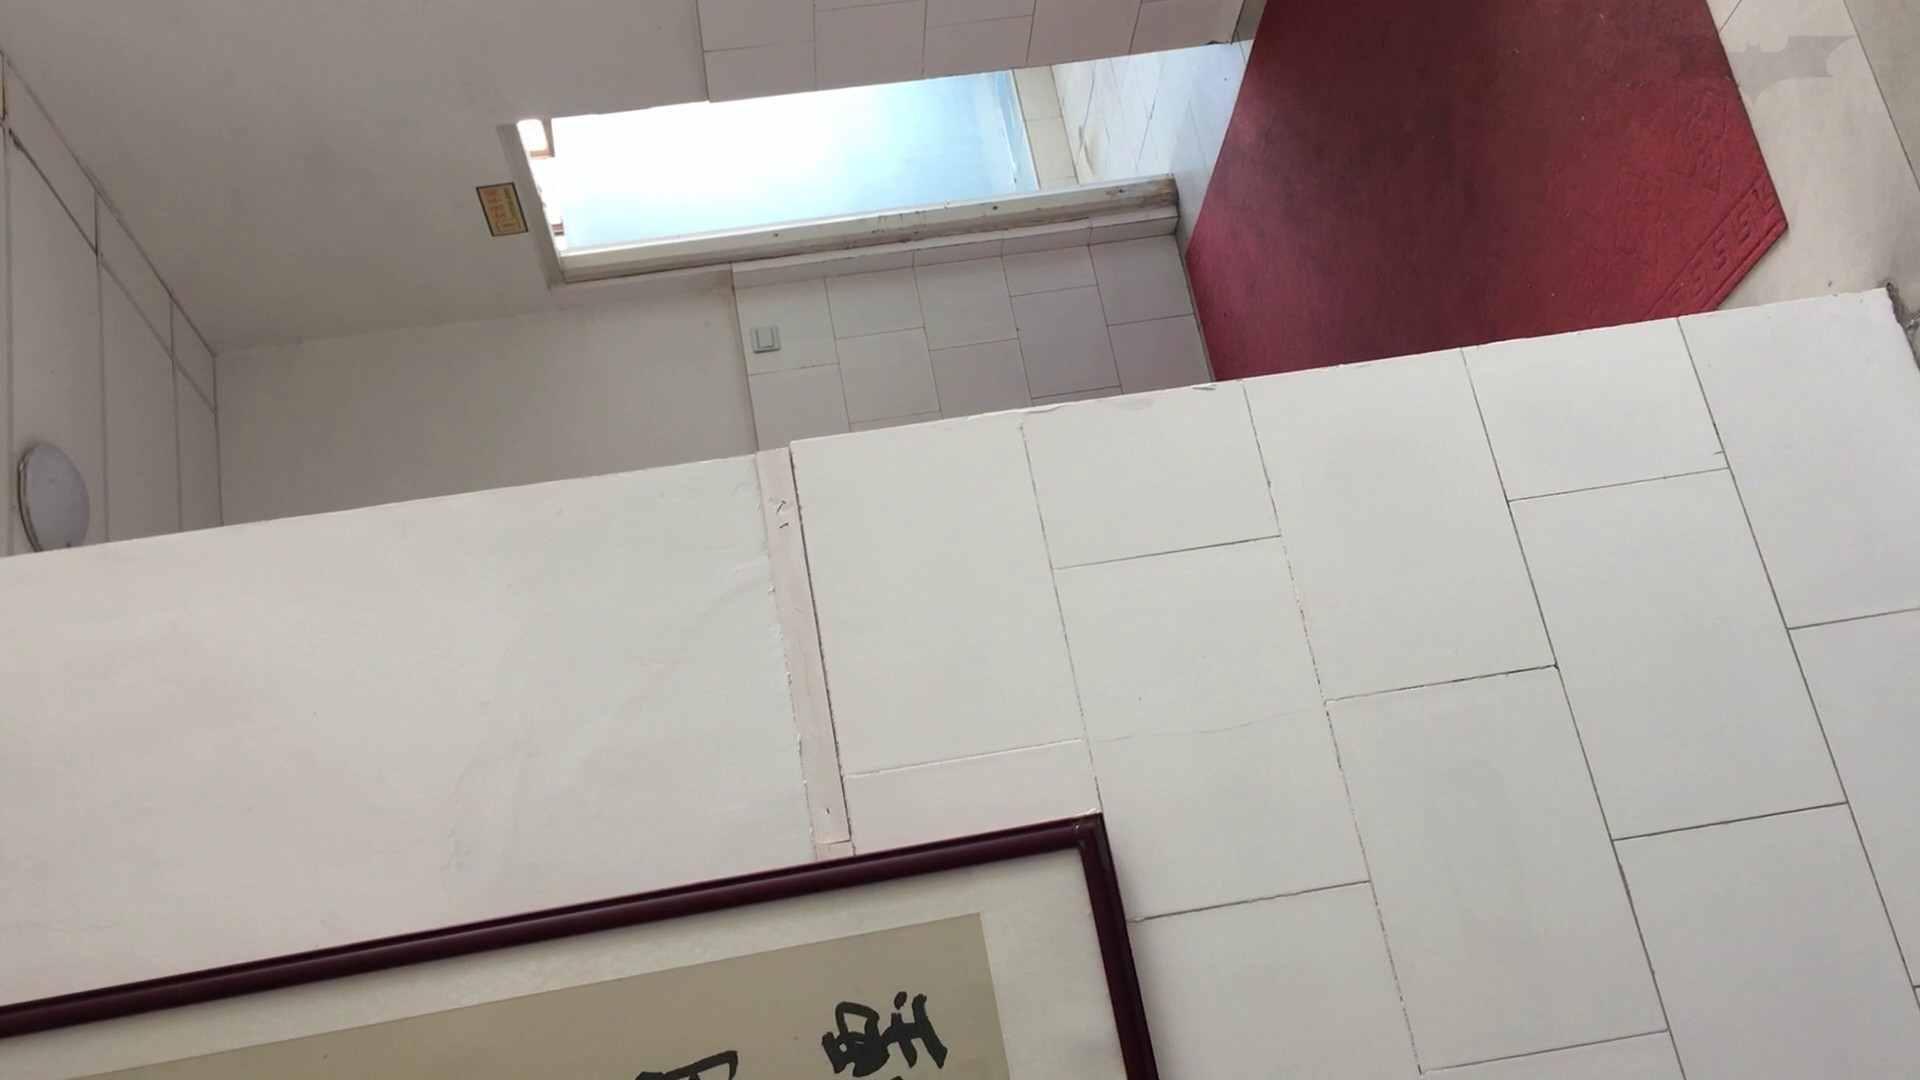 芸術大学ガチ潜入盗撮 JD盗撮 美女の洗面所の秘密 Vol.91 洗面所 | 美女のボディ  58PIX 19